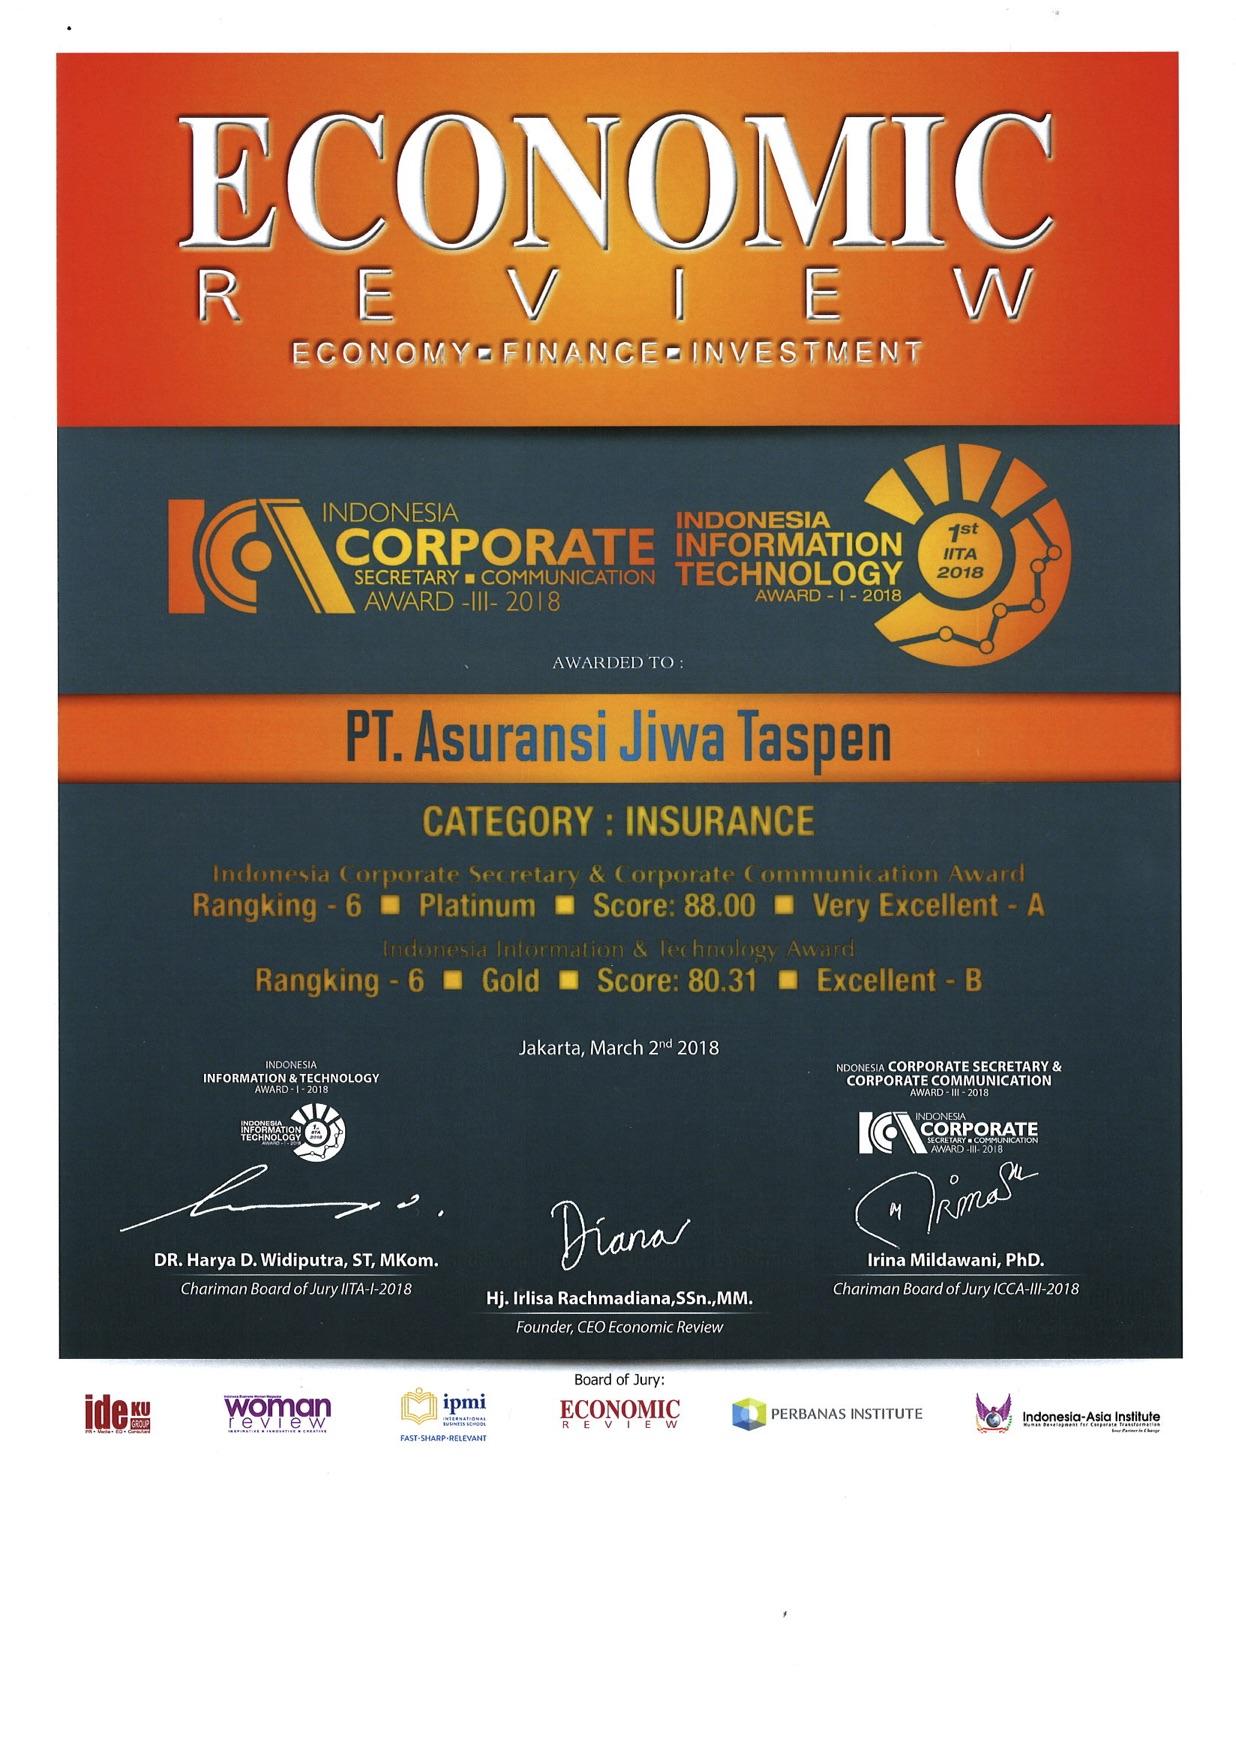 ICA ITA - Economic Review